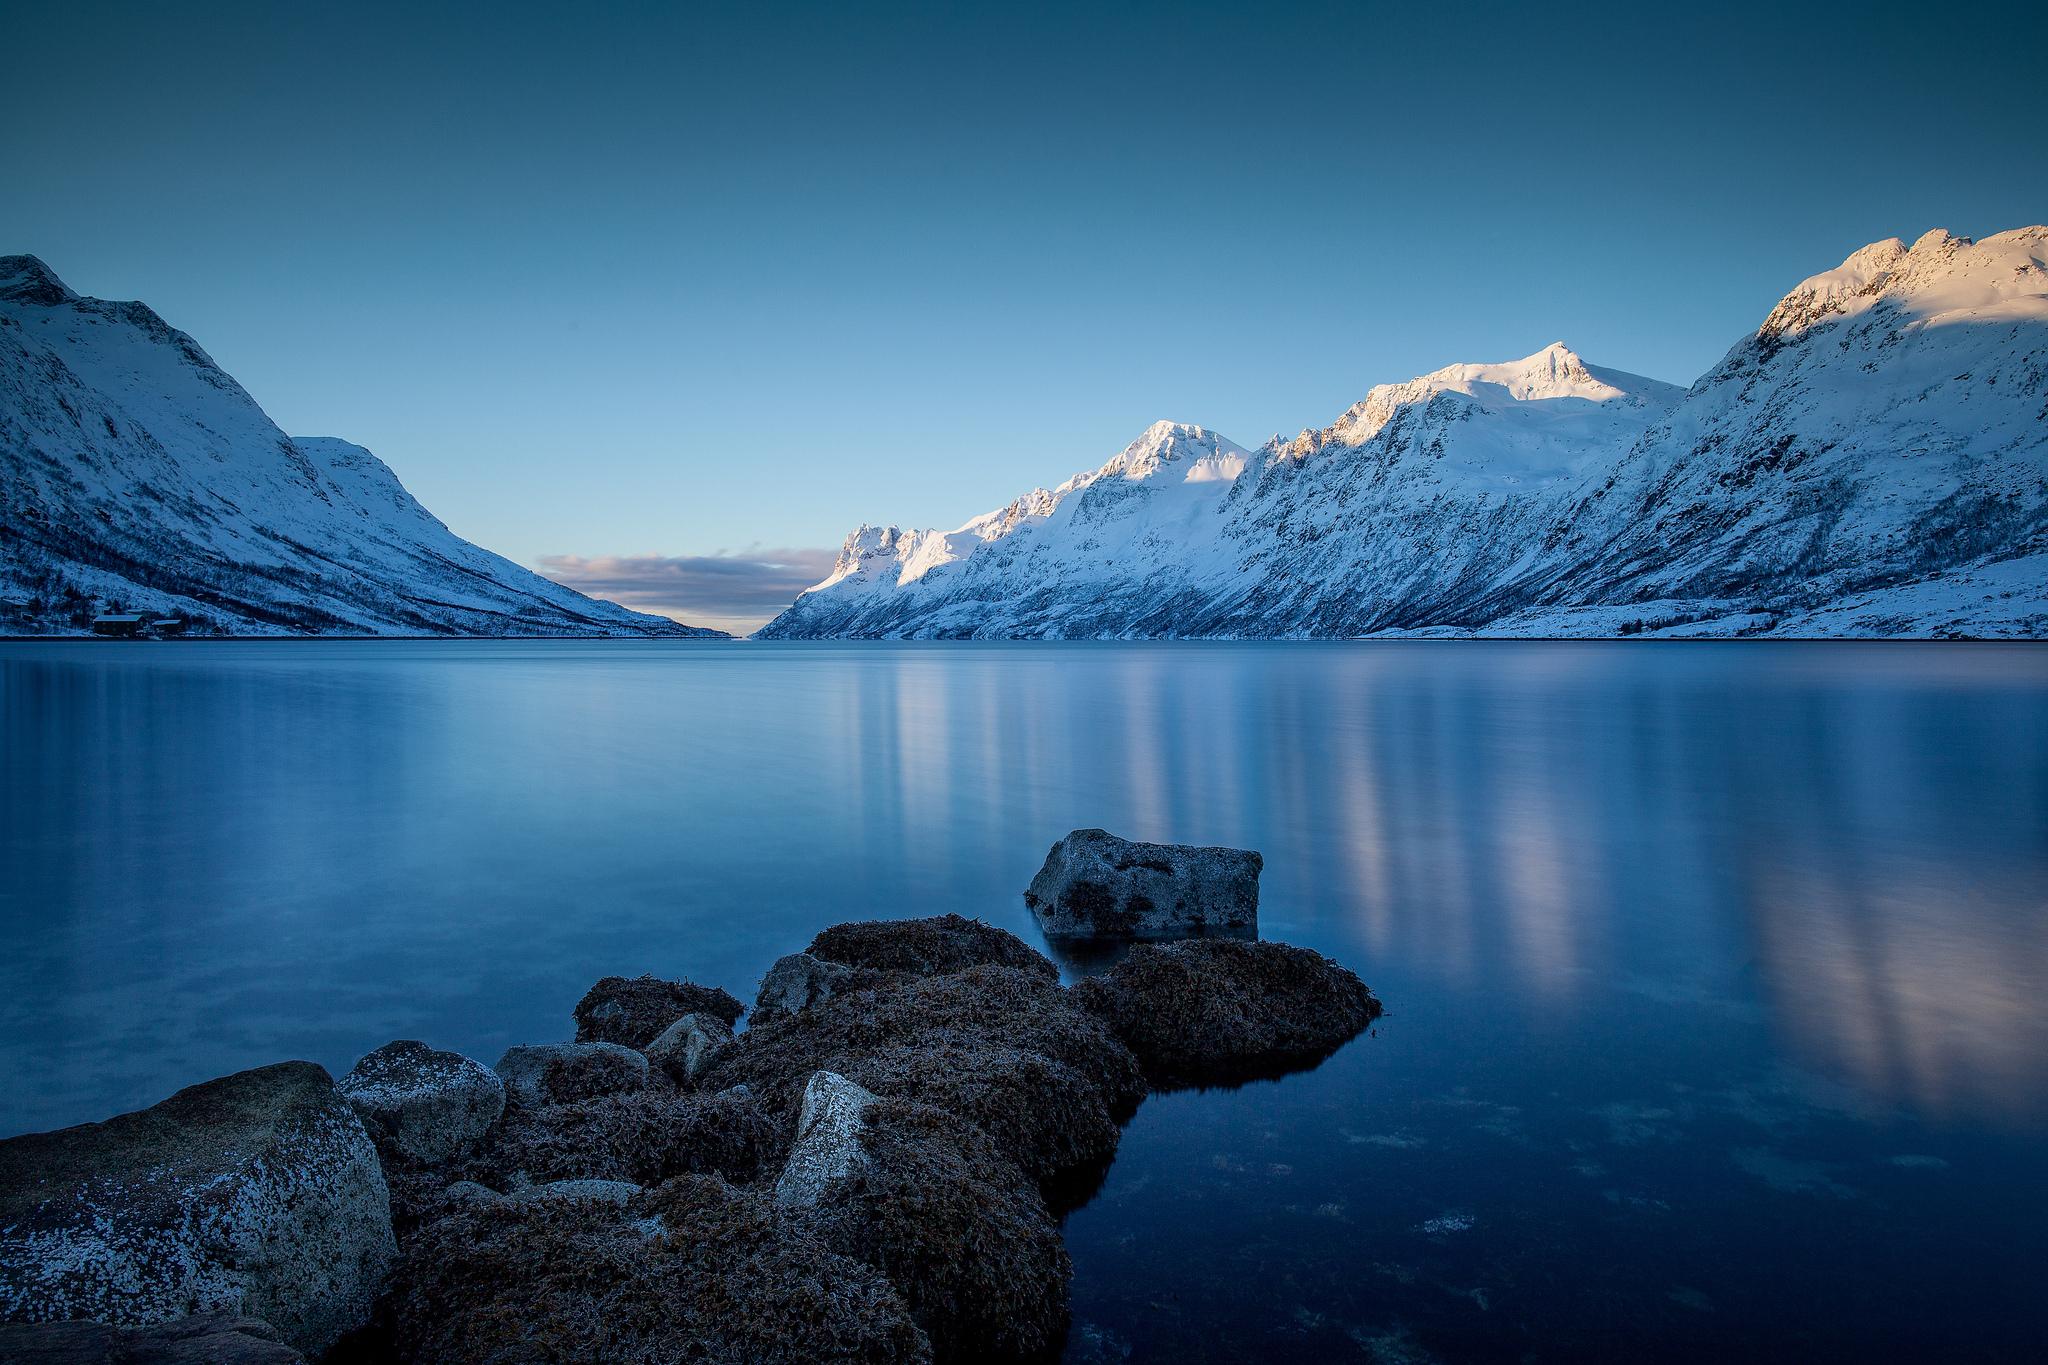 озеро горы снег  № 2476797 без смс